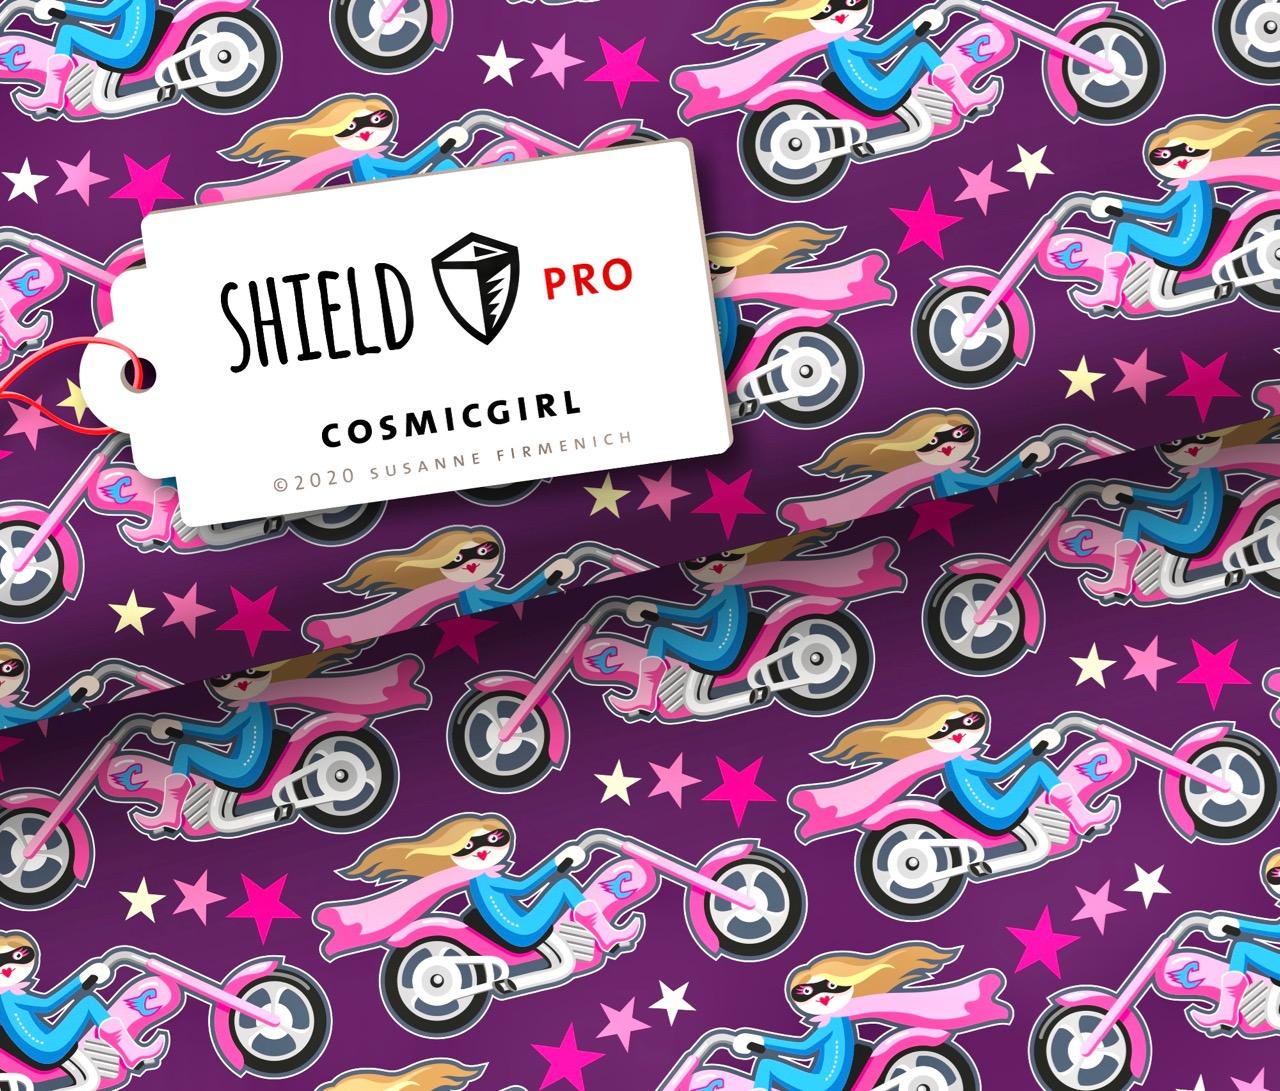 Shield PRO KIDS - Cosmicgirl Violett von Hamburger Liebe & Albstoffe - antimikrobiell für Atem-und Mundmasken!